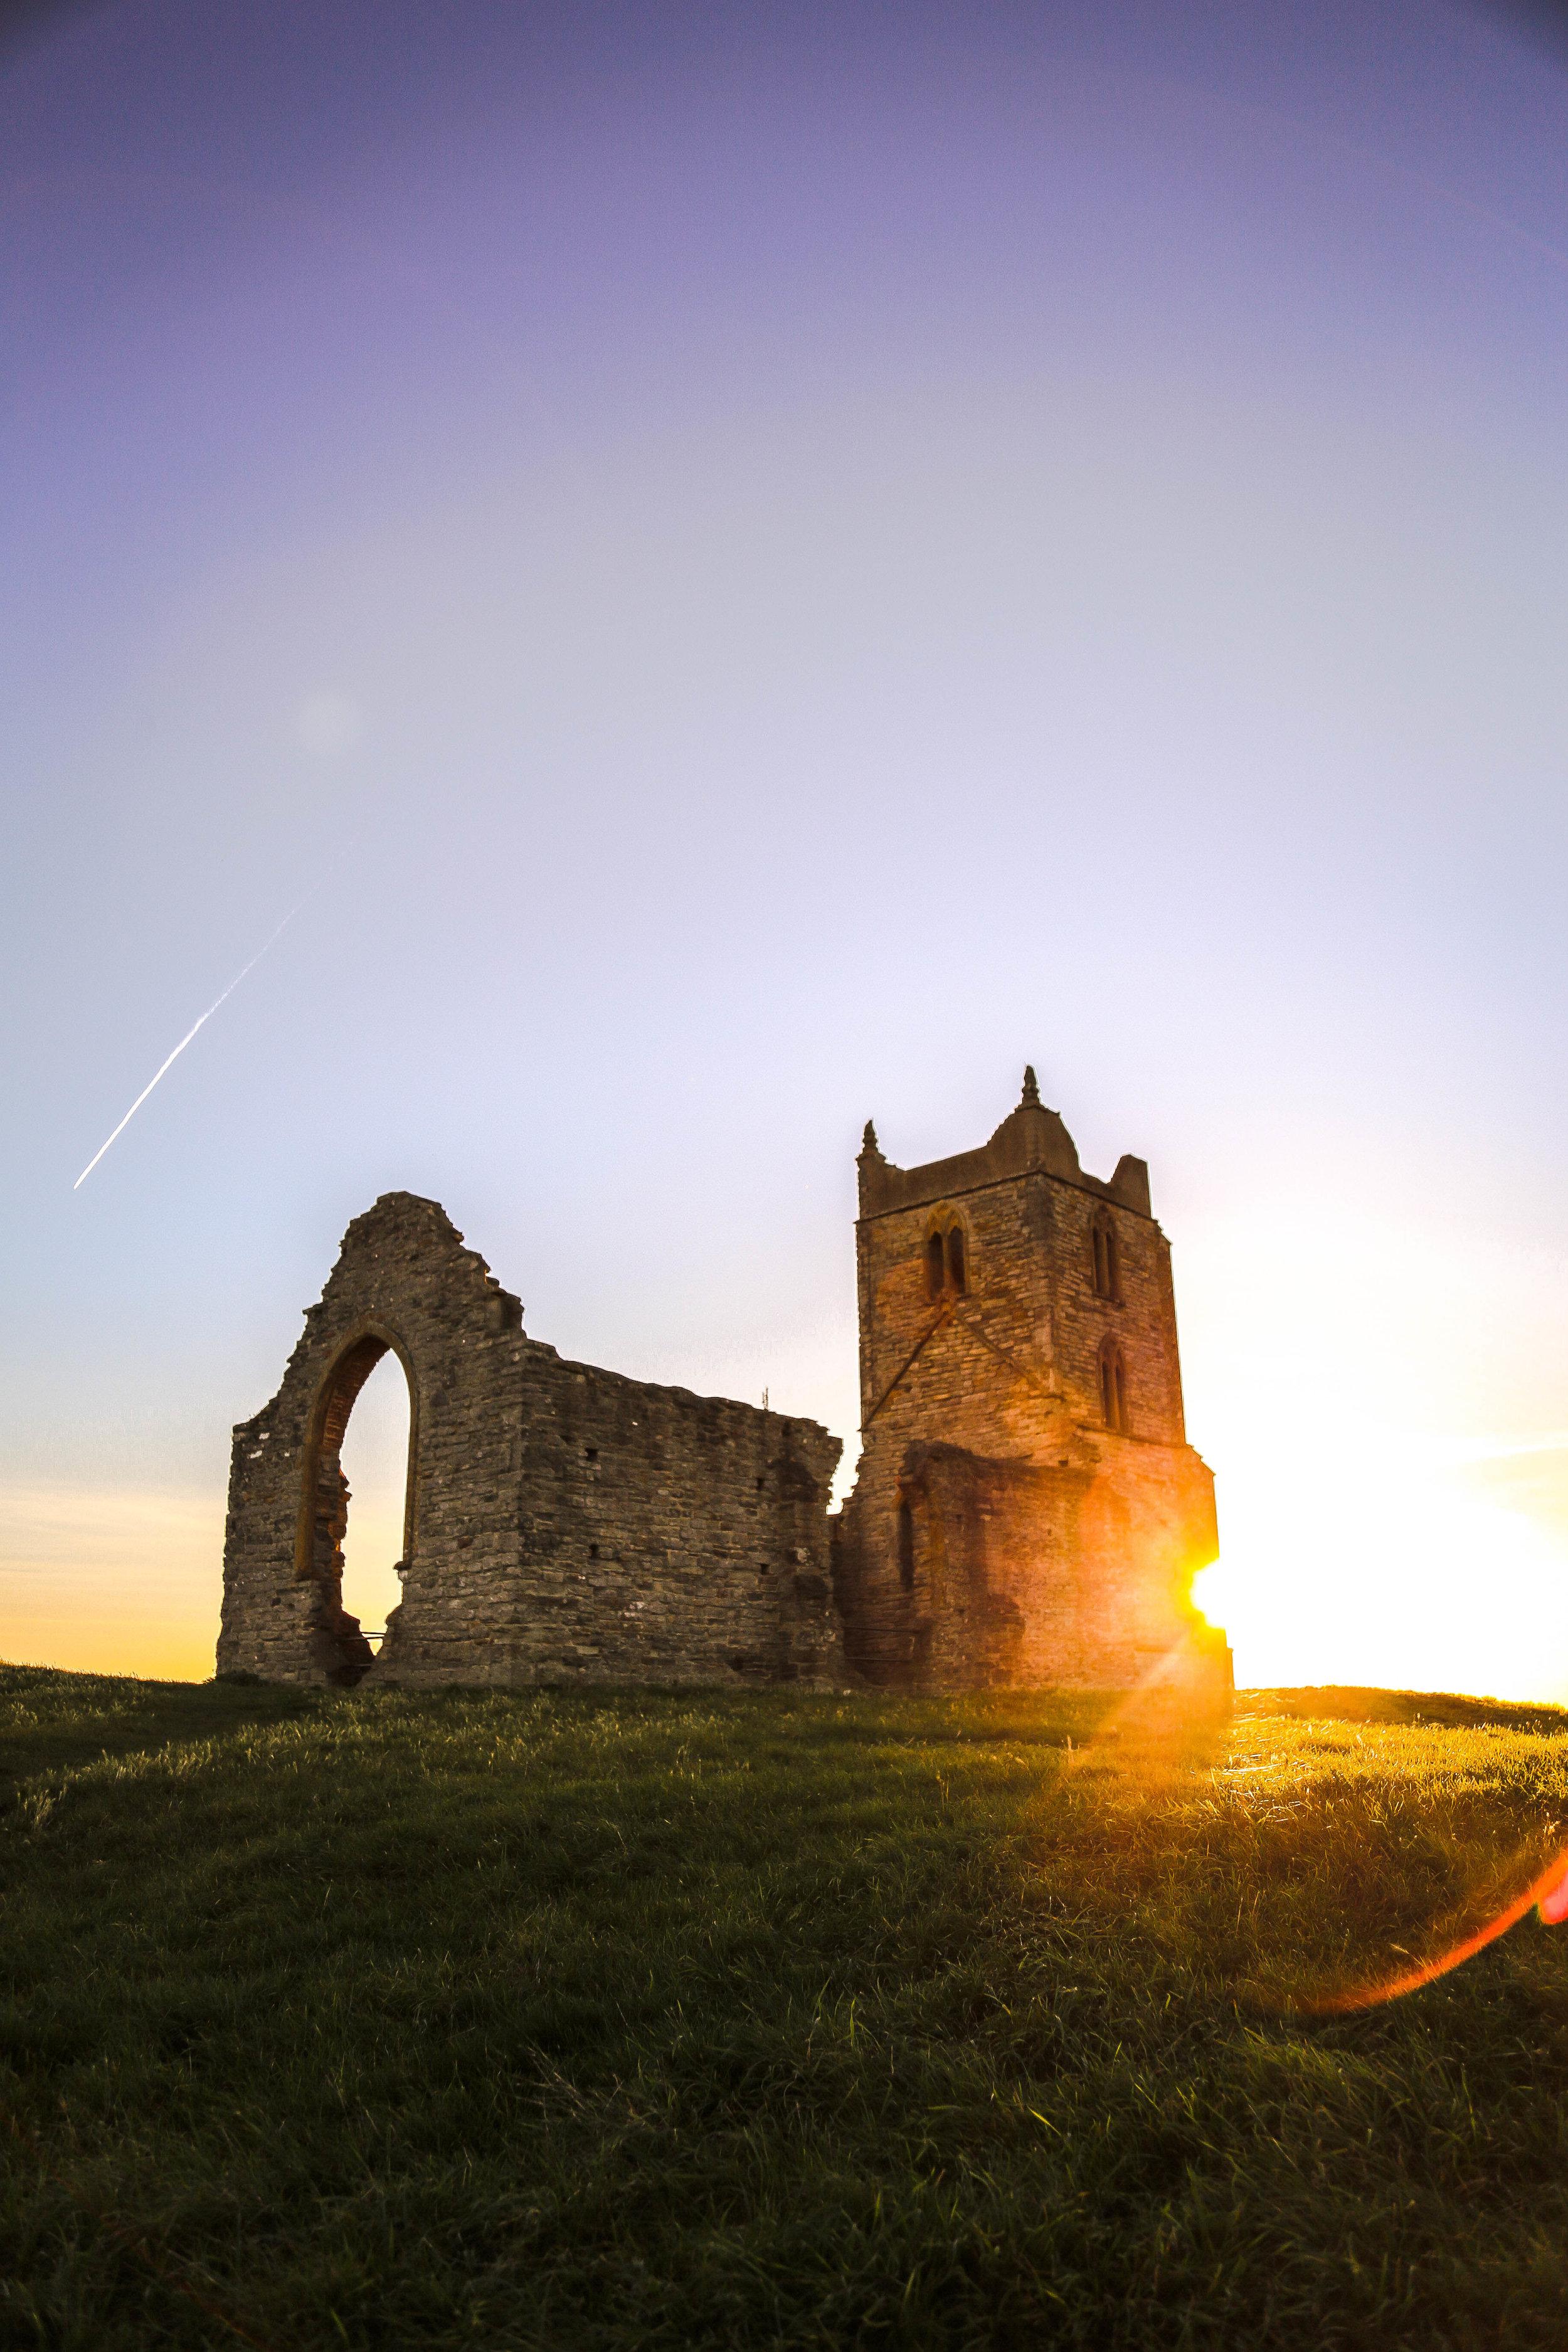 Last Light at the chapel  Burrow Mump, UK